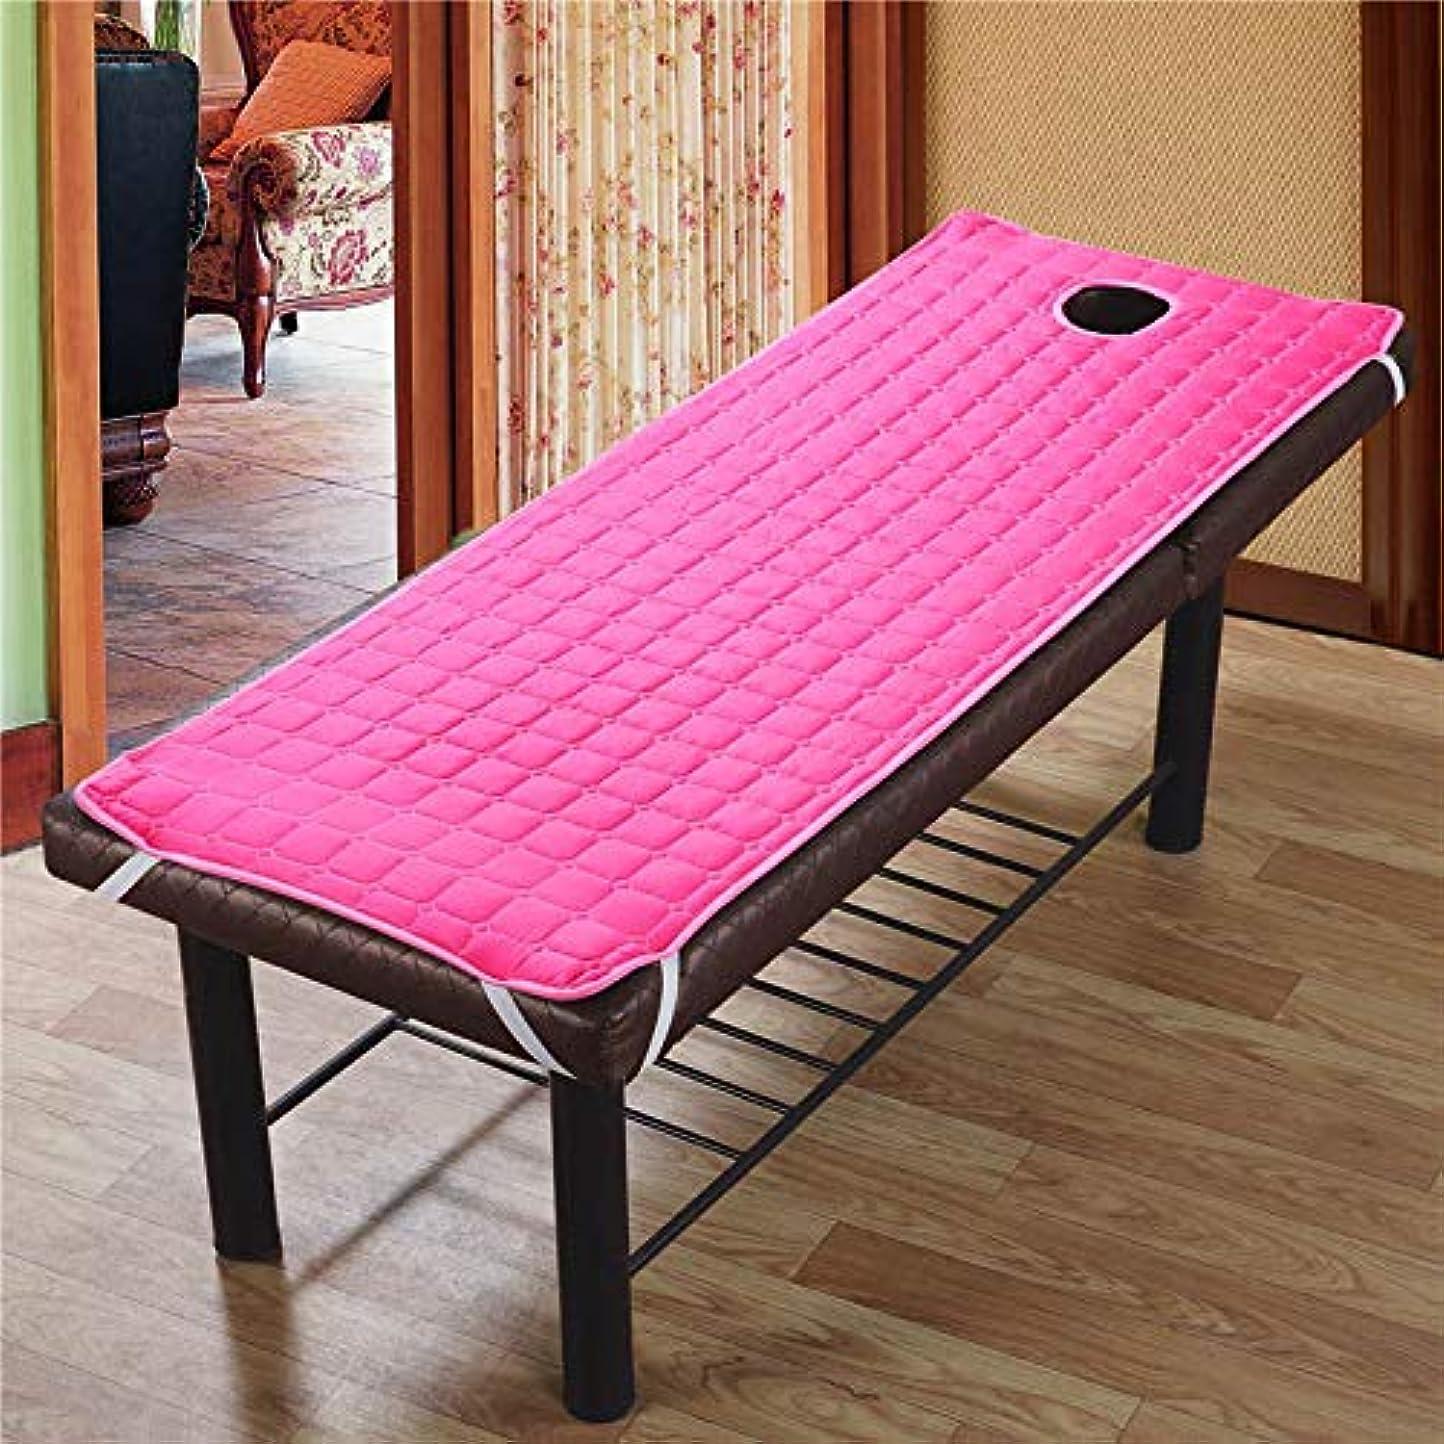 測定可能湖欺くJanusSaja 美容院のマッサージ療法のベッドのための滑り止めのSoliod色の長方形のマットレス